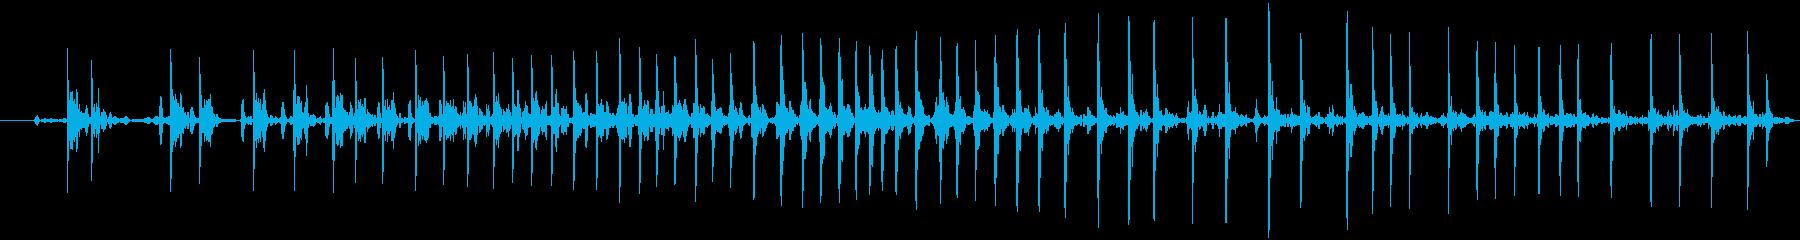 ヘビーレザーまたはビニール圧力クリ...の再生済みの波形